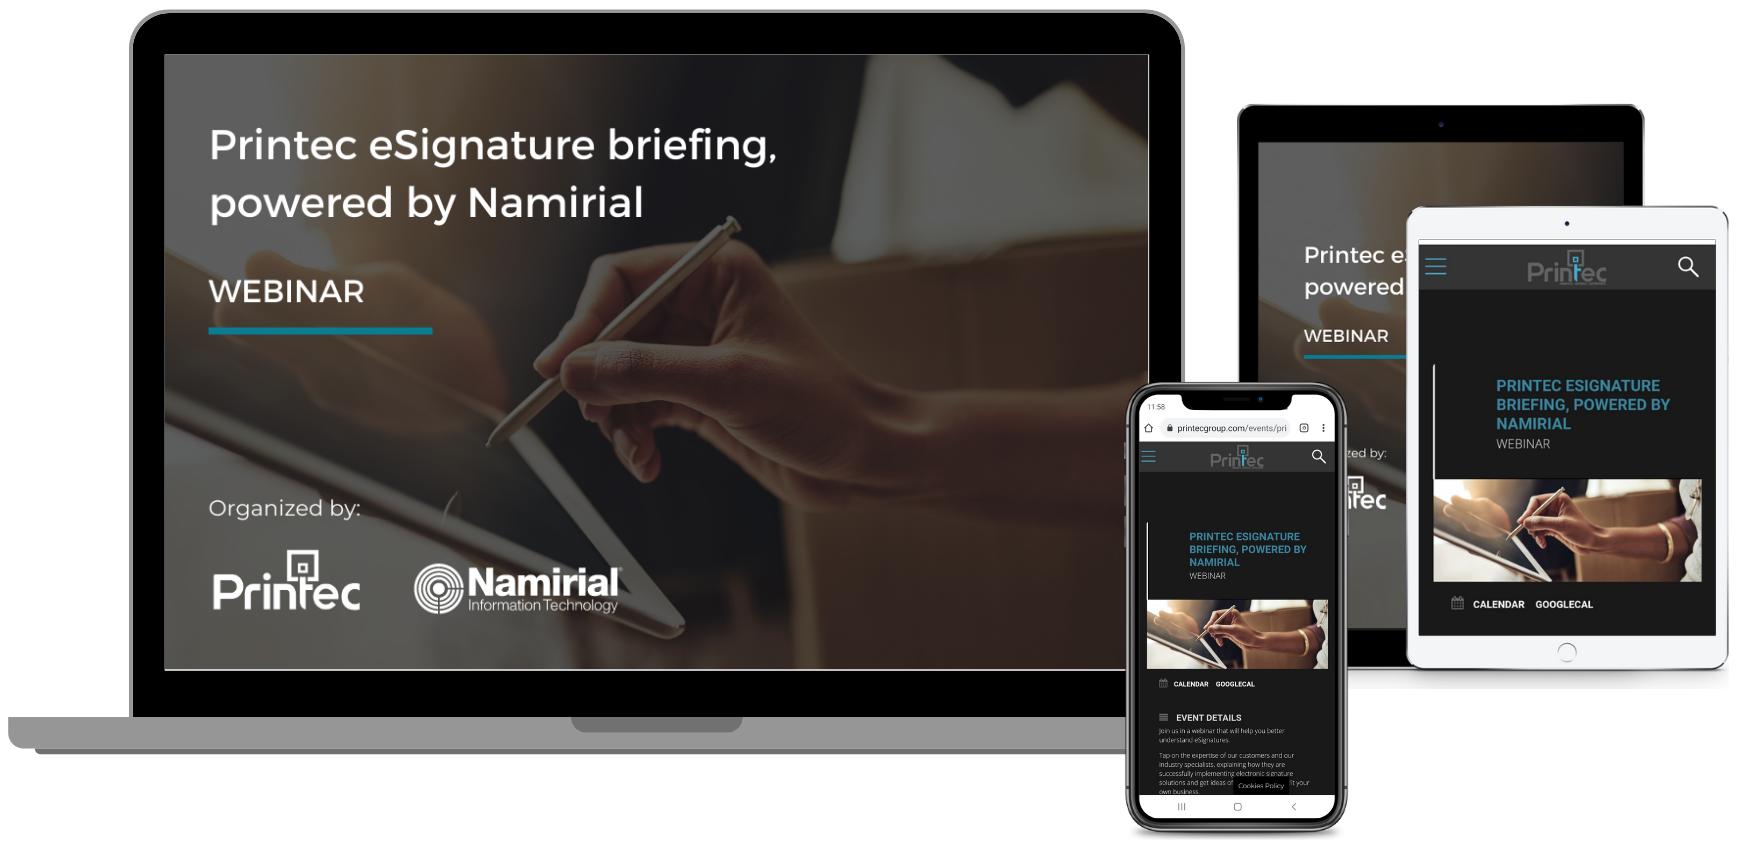 Printec-eSignature-webinar_suggested-design